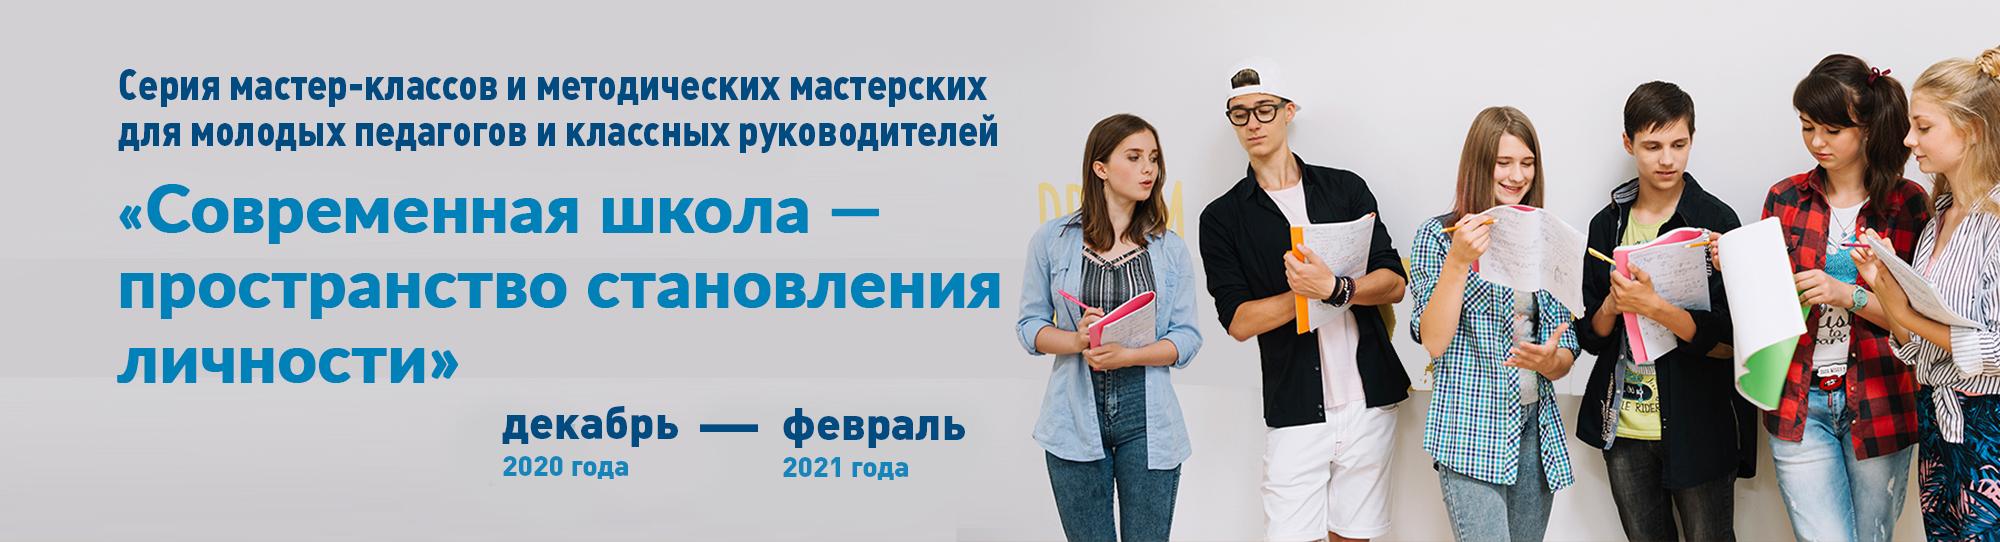 Баннер_Серия мастер-классов